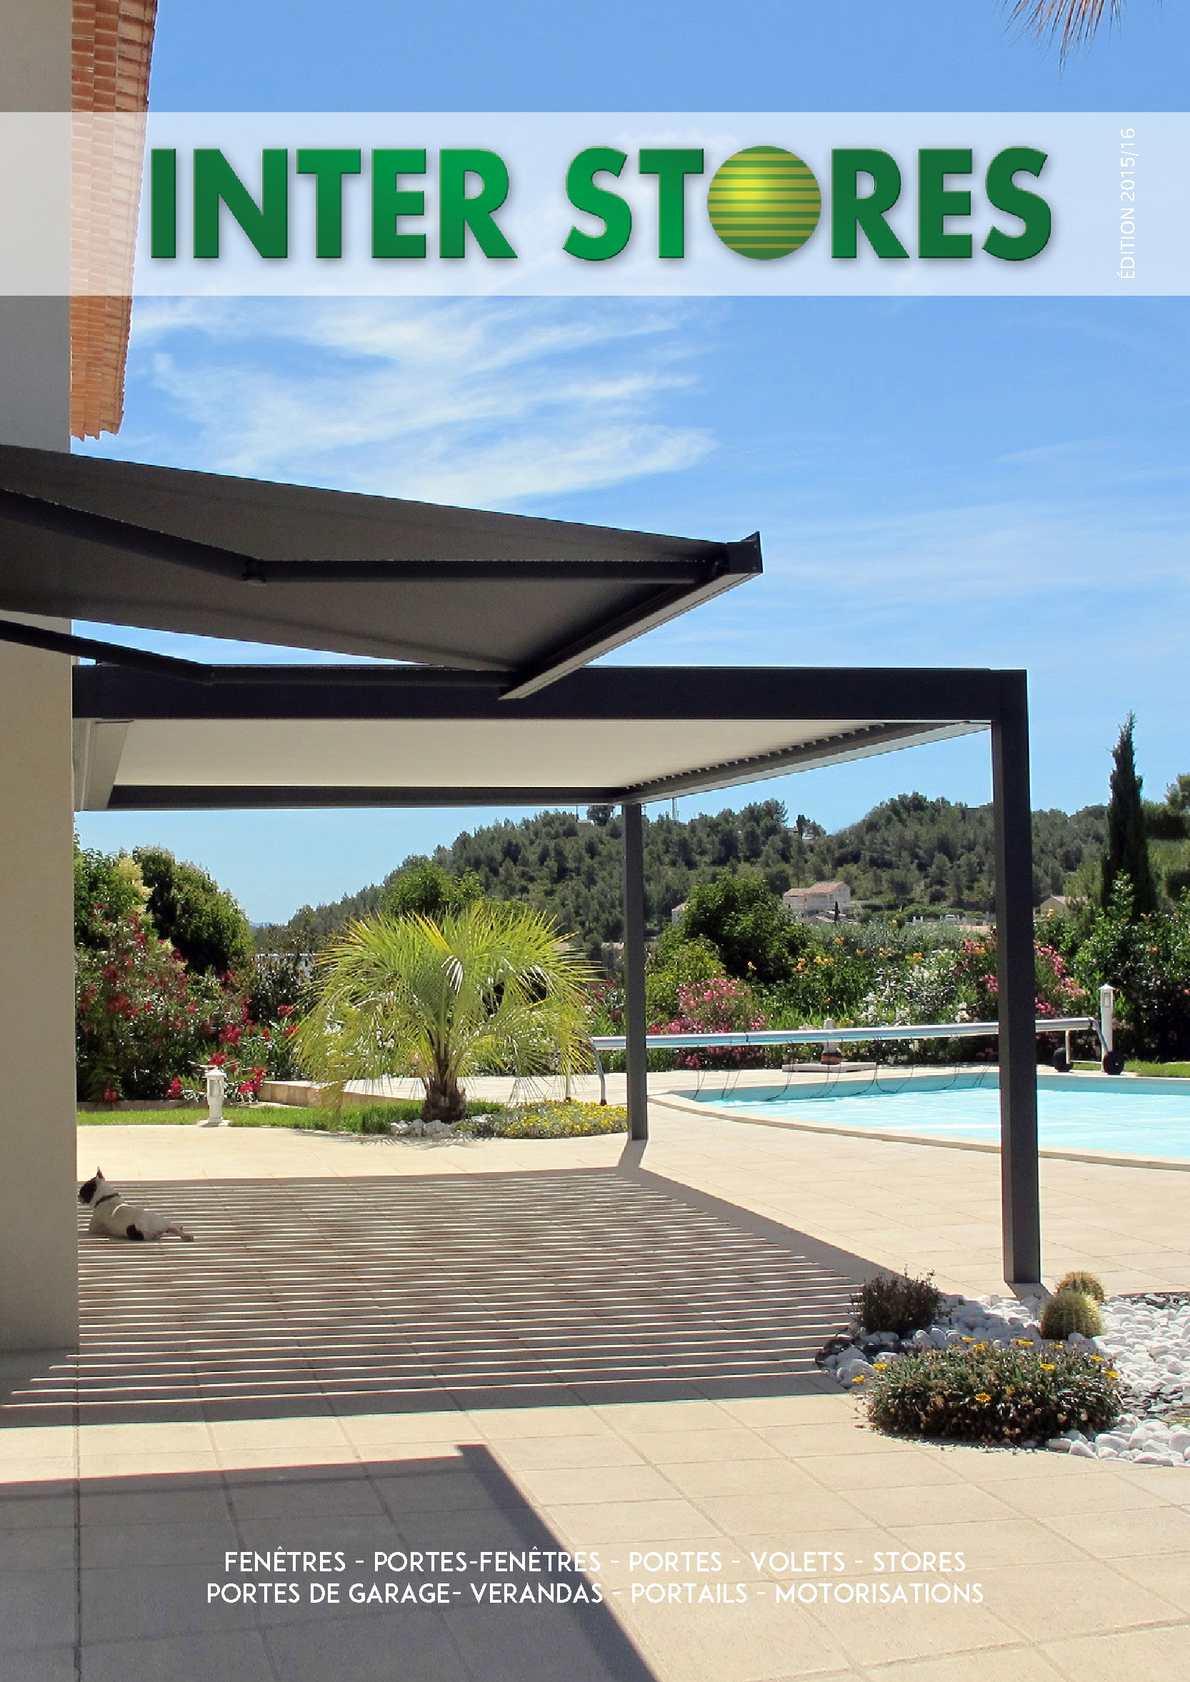 volet roulant piscine ovoide. Black Bedroom Furniture Sets. Home Design Ideas